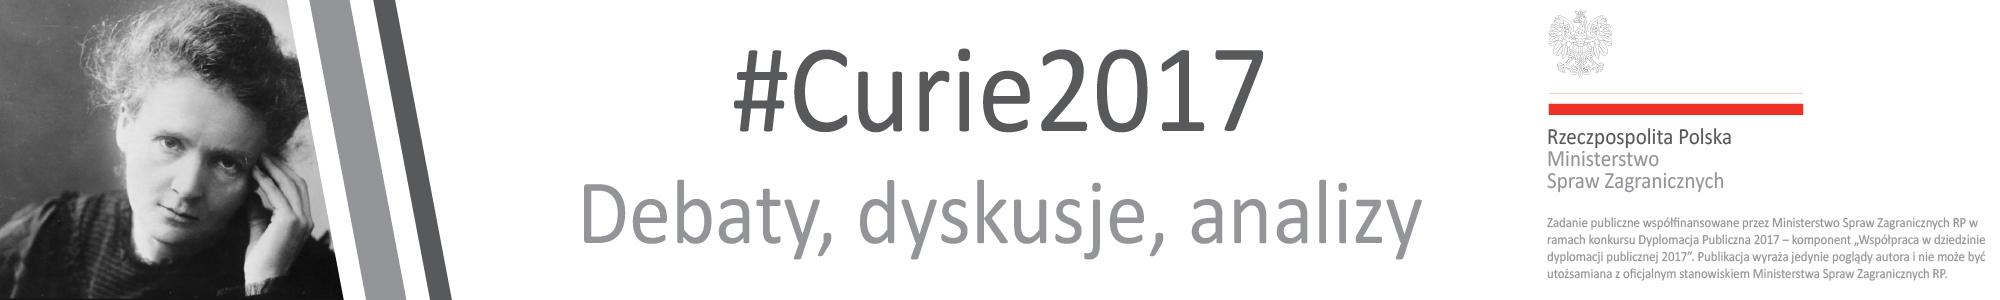 #Curie2017